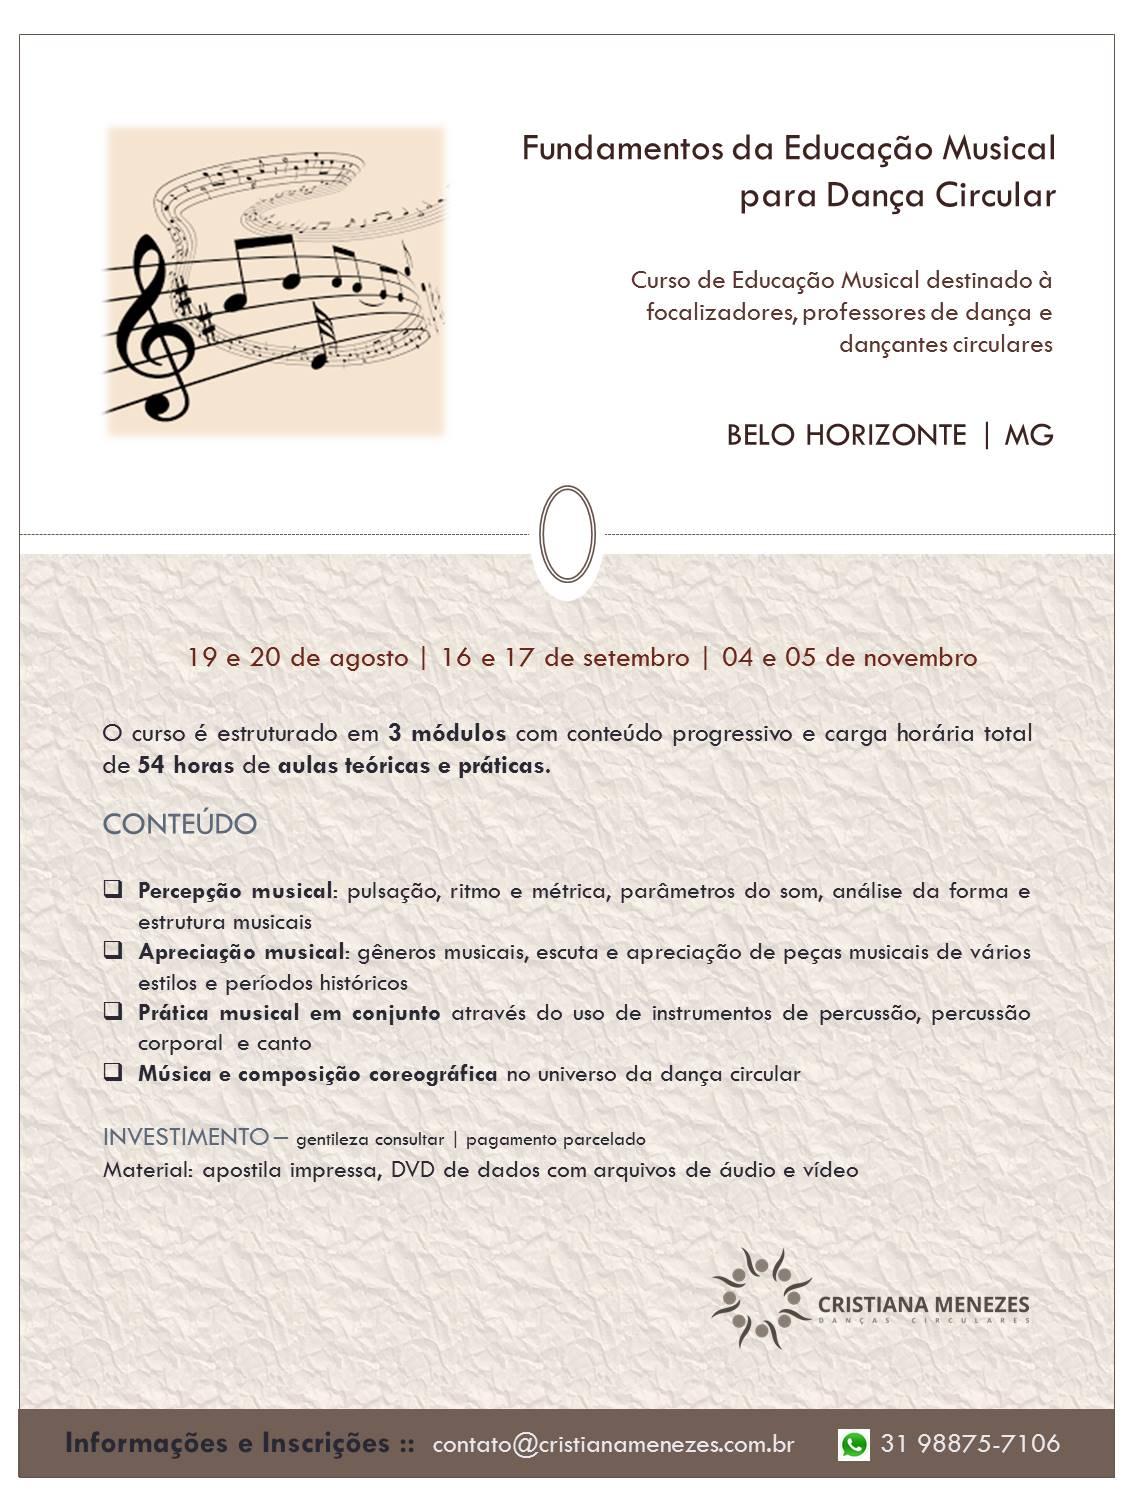 Fundamentos da Educação Musical BH 2017